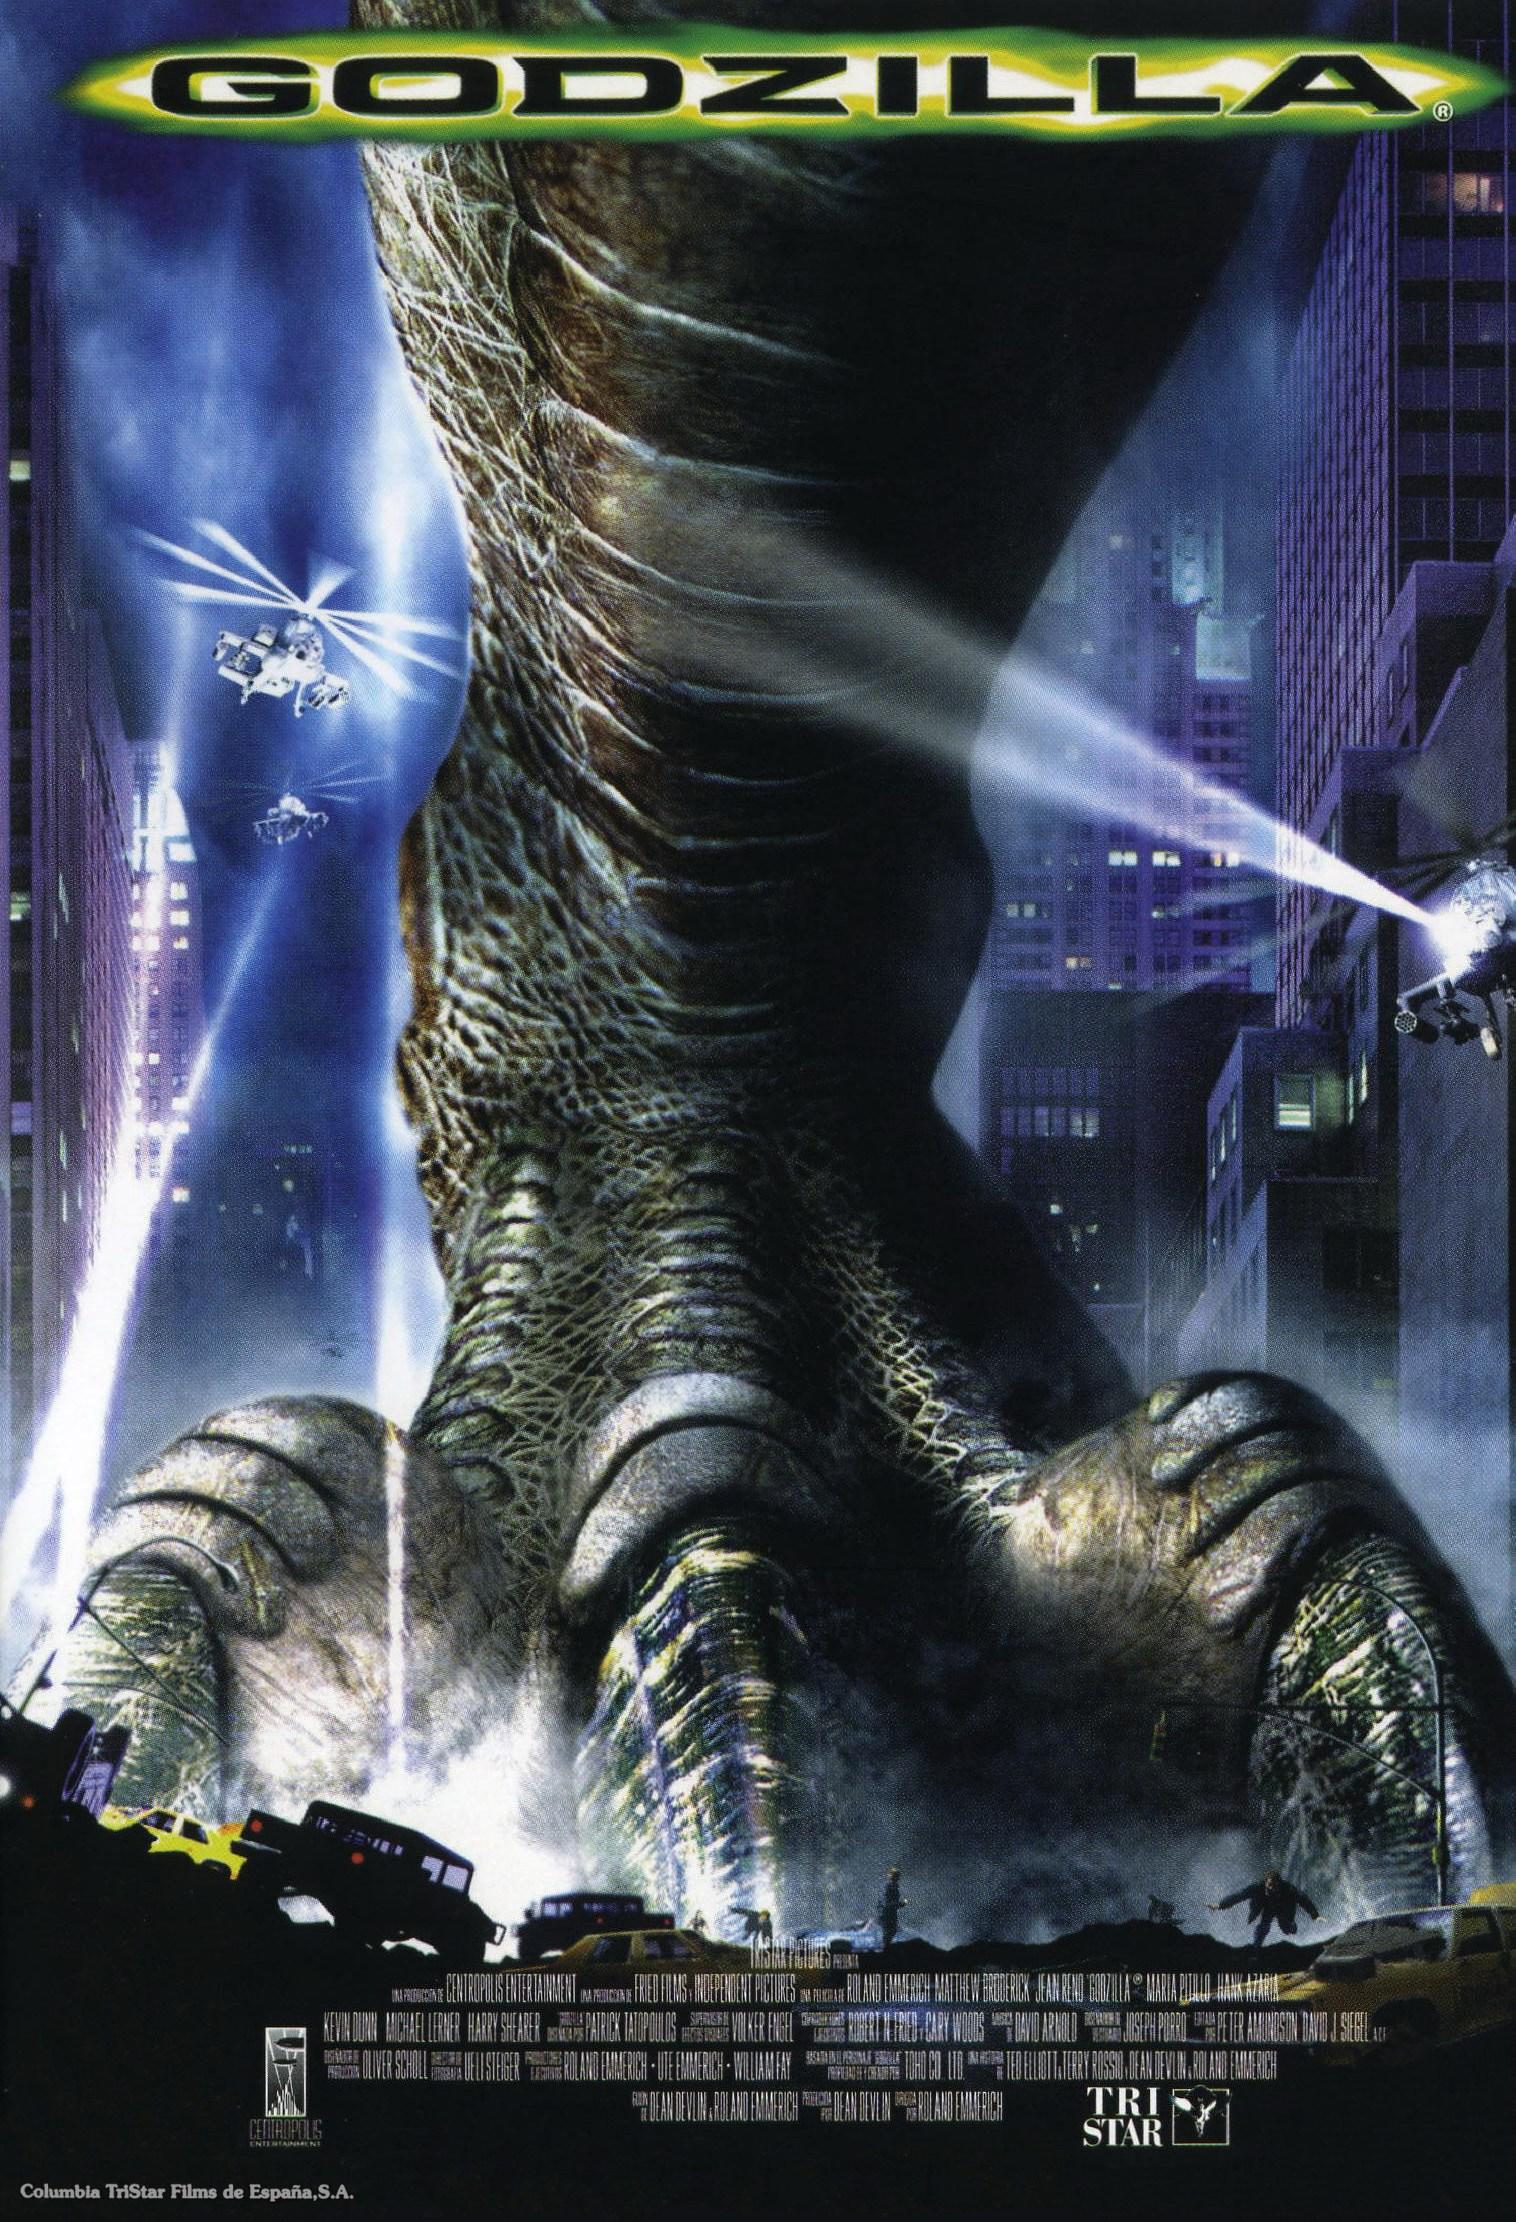 Godzilla (1998) u2013 Rolamd Emmerich u2013 The Mind Reels